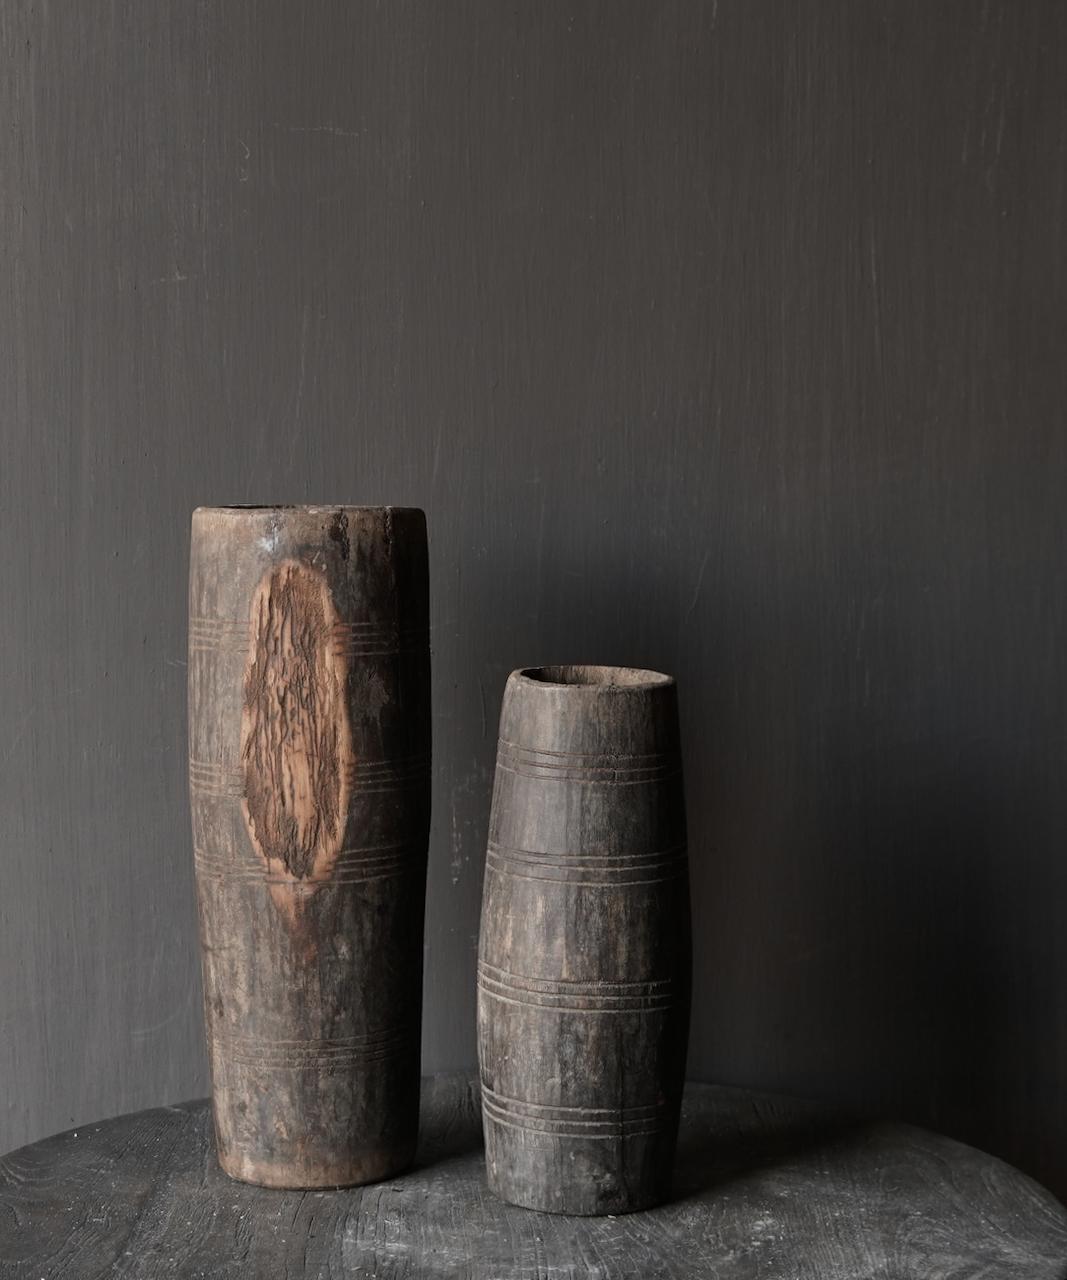 Uniek oud houten vaas zonder bodem gemaakt van een Authentieke trommel-5